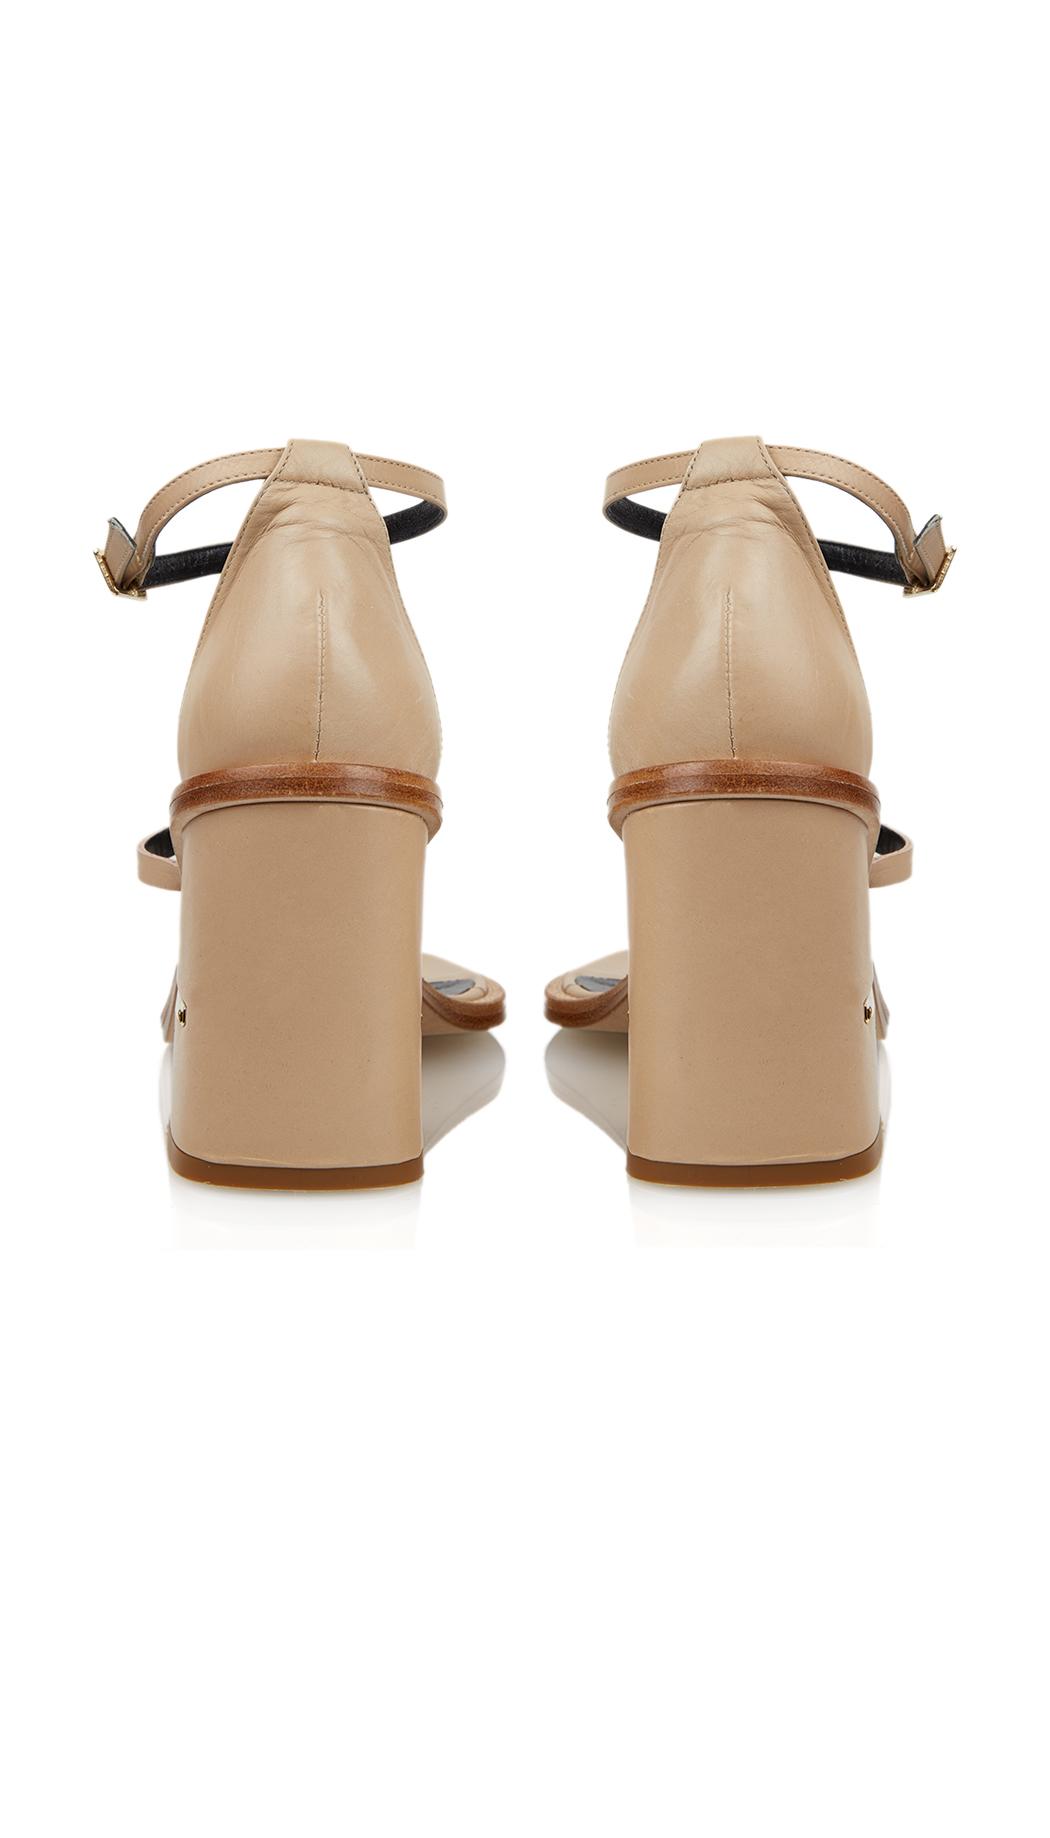 3d83e4915297 Lyst - Tibi Chloe Sandals in Natural